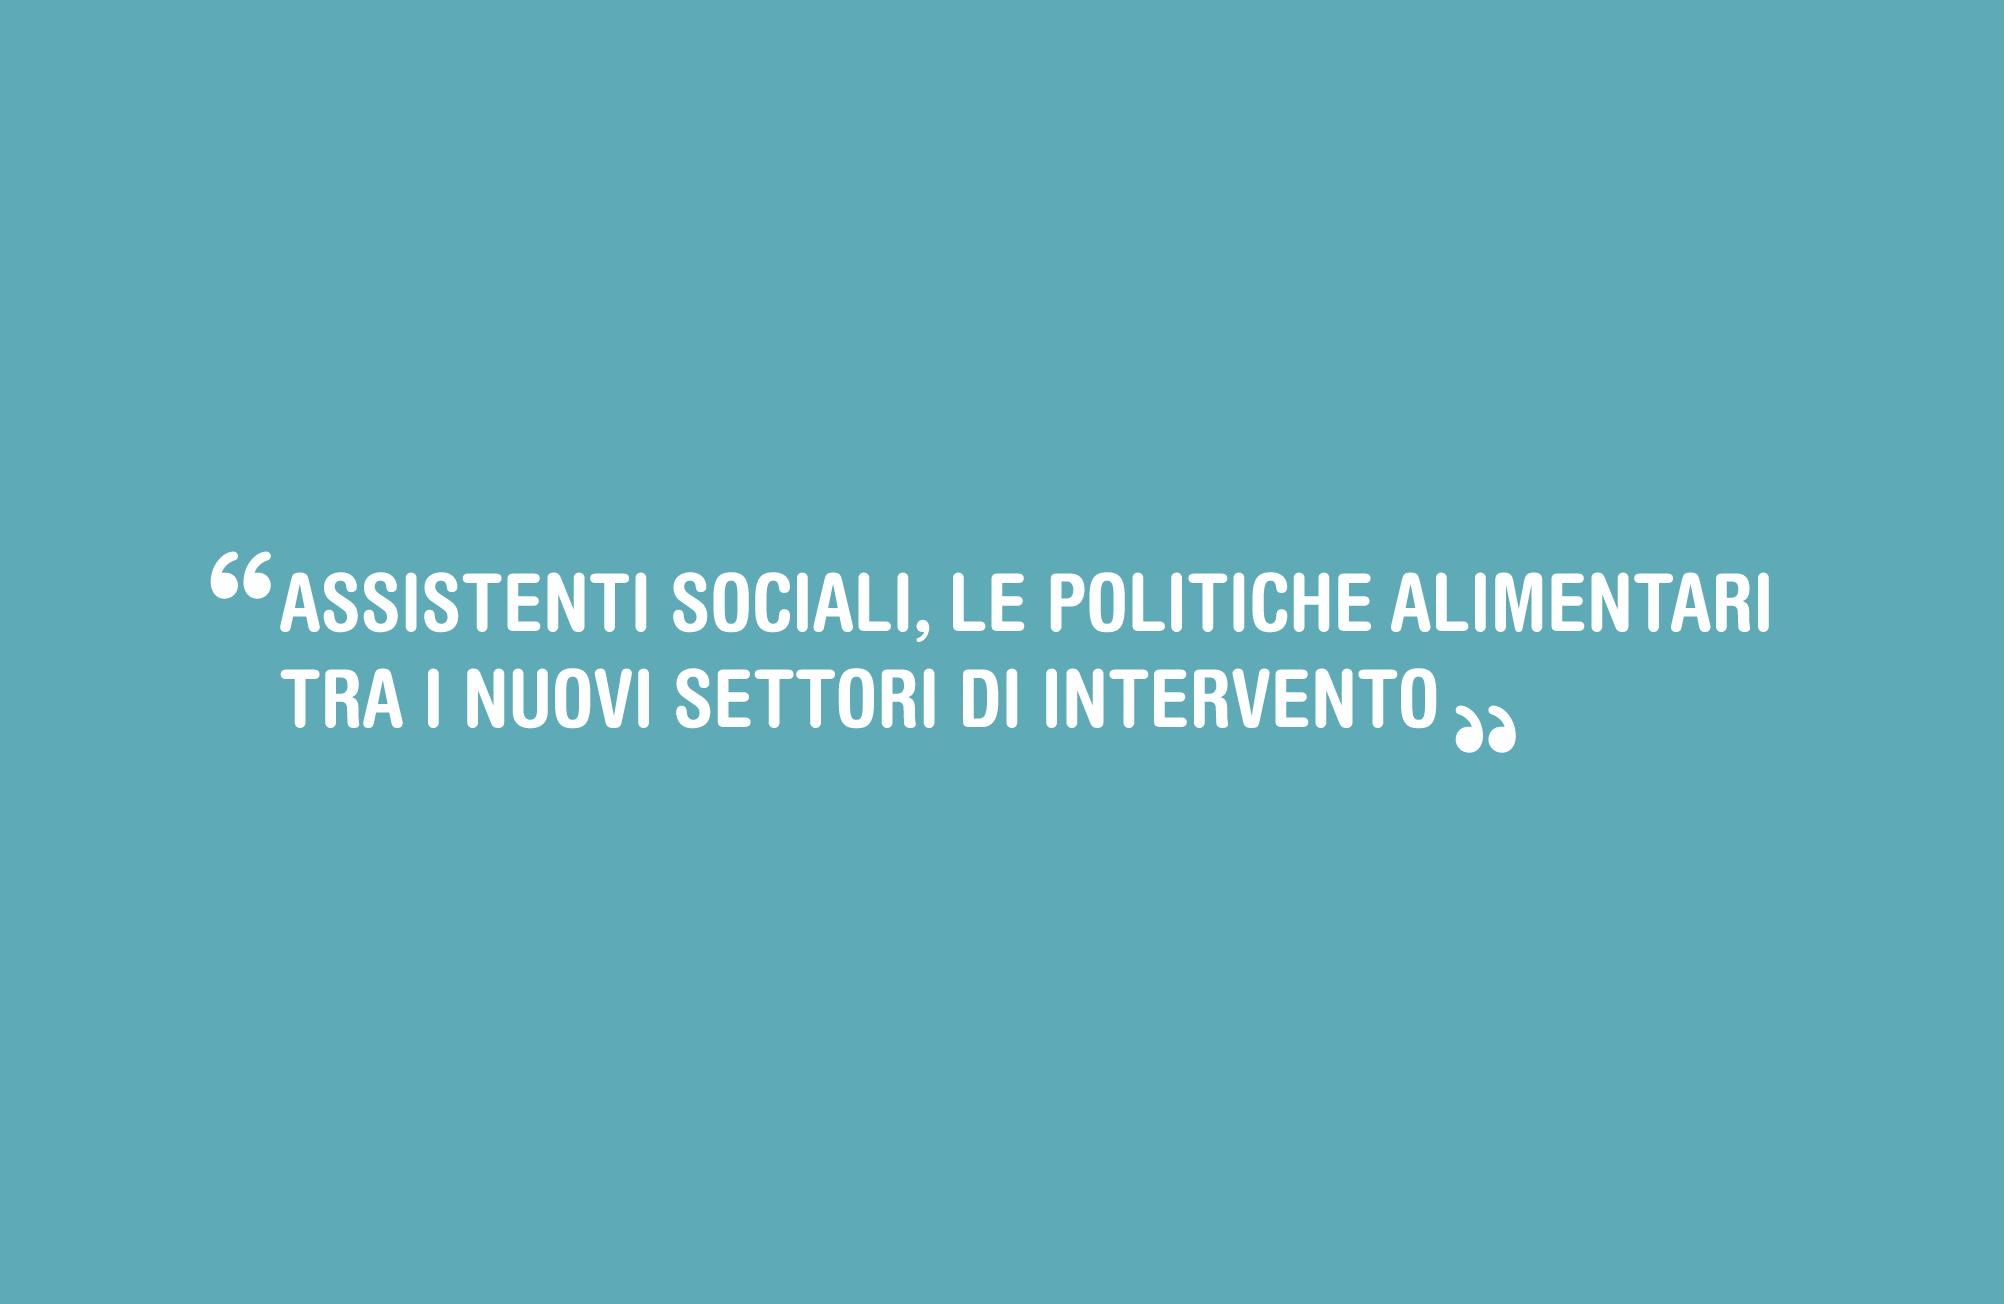 Marilena Sibilla – Assistenti sociali, le politiche alimentari tra i nuovi settori di intervento